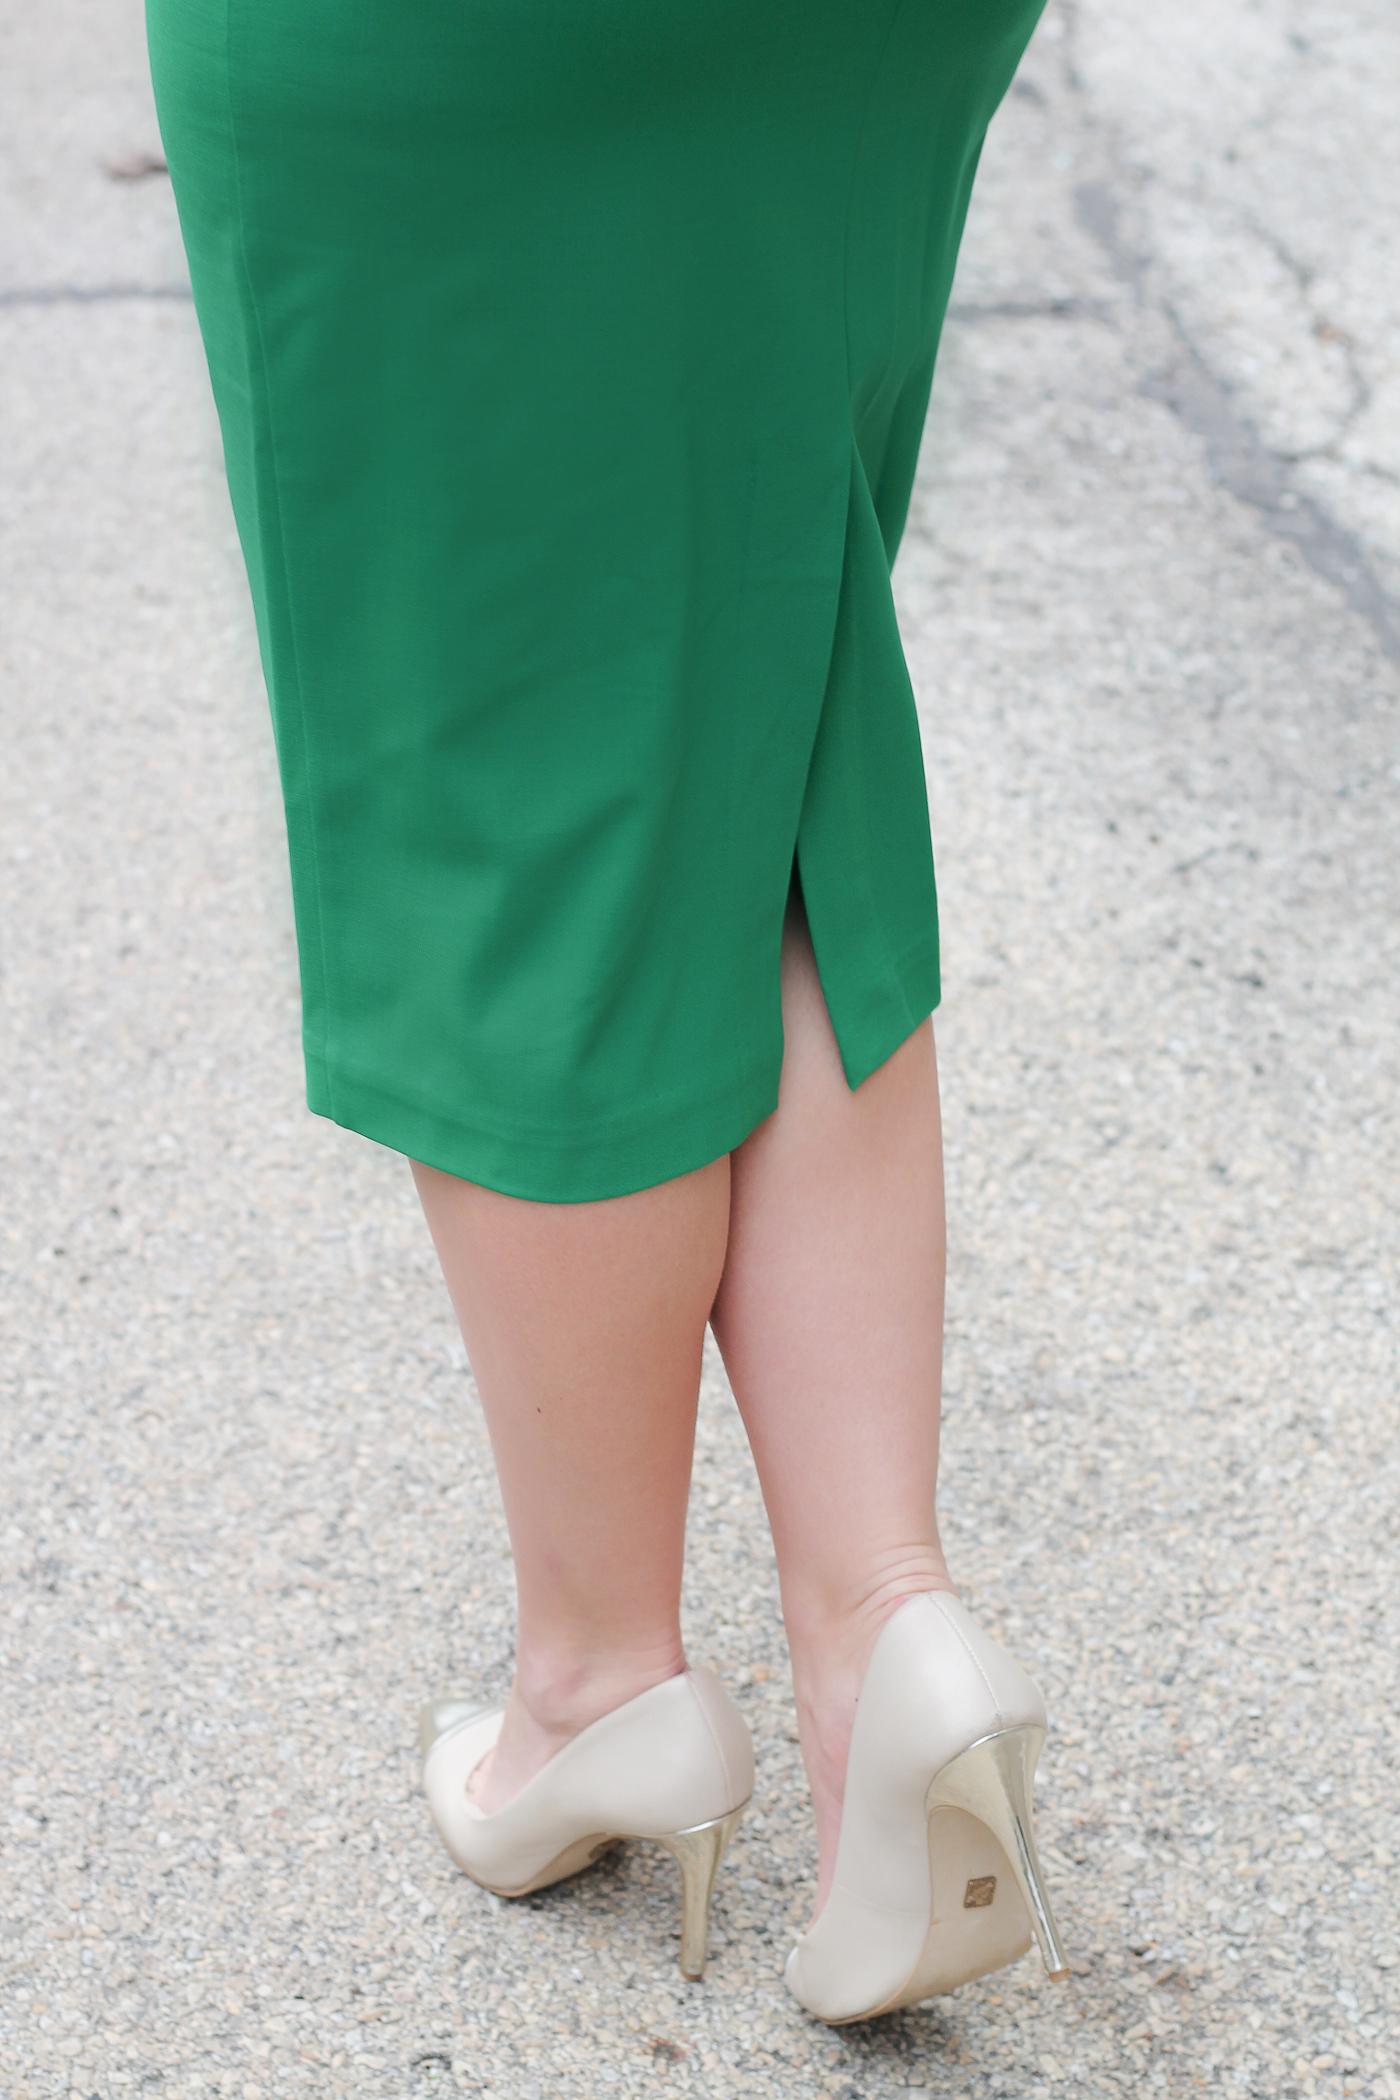 Anne Klein pumps with a DVF dress